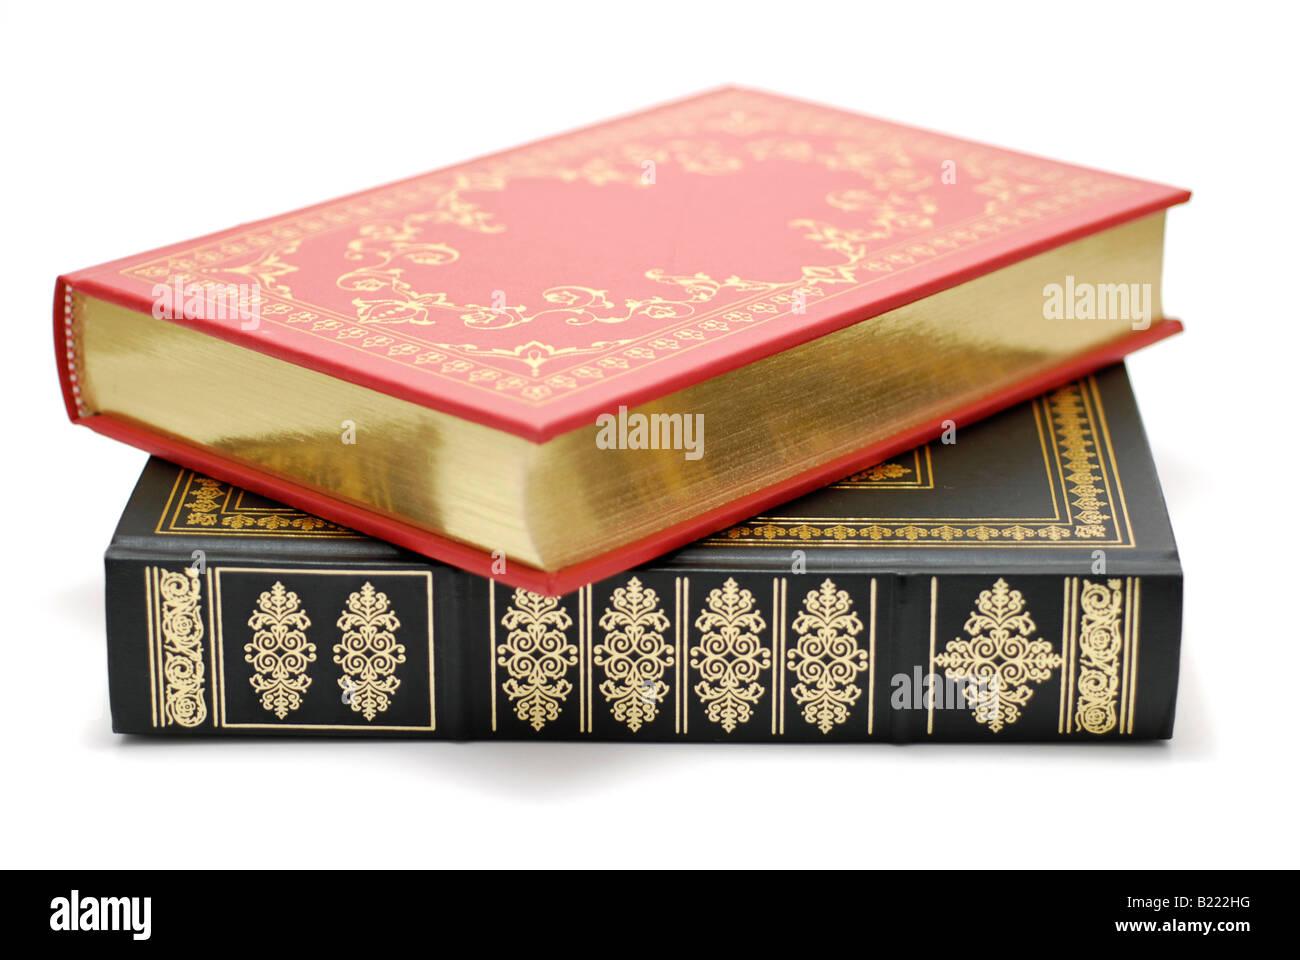 Il cuoio di libri rilegati con nessuno dei titoli Immagini Stock